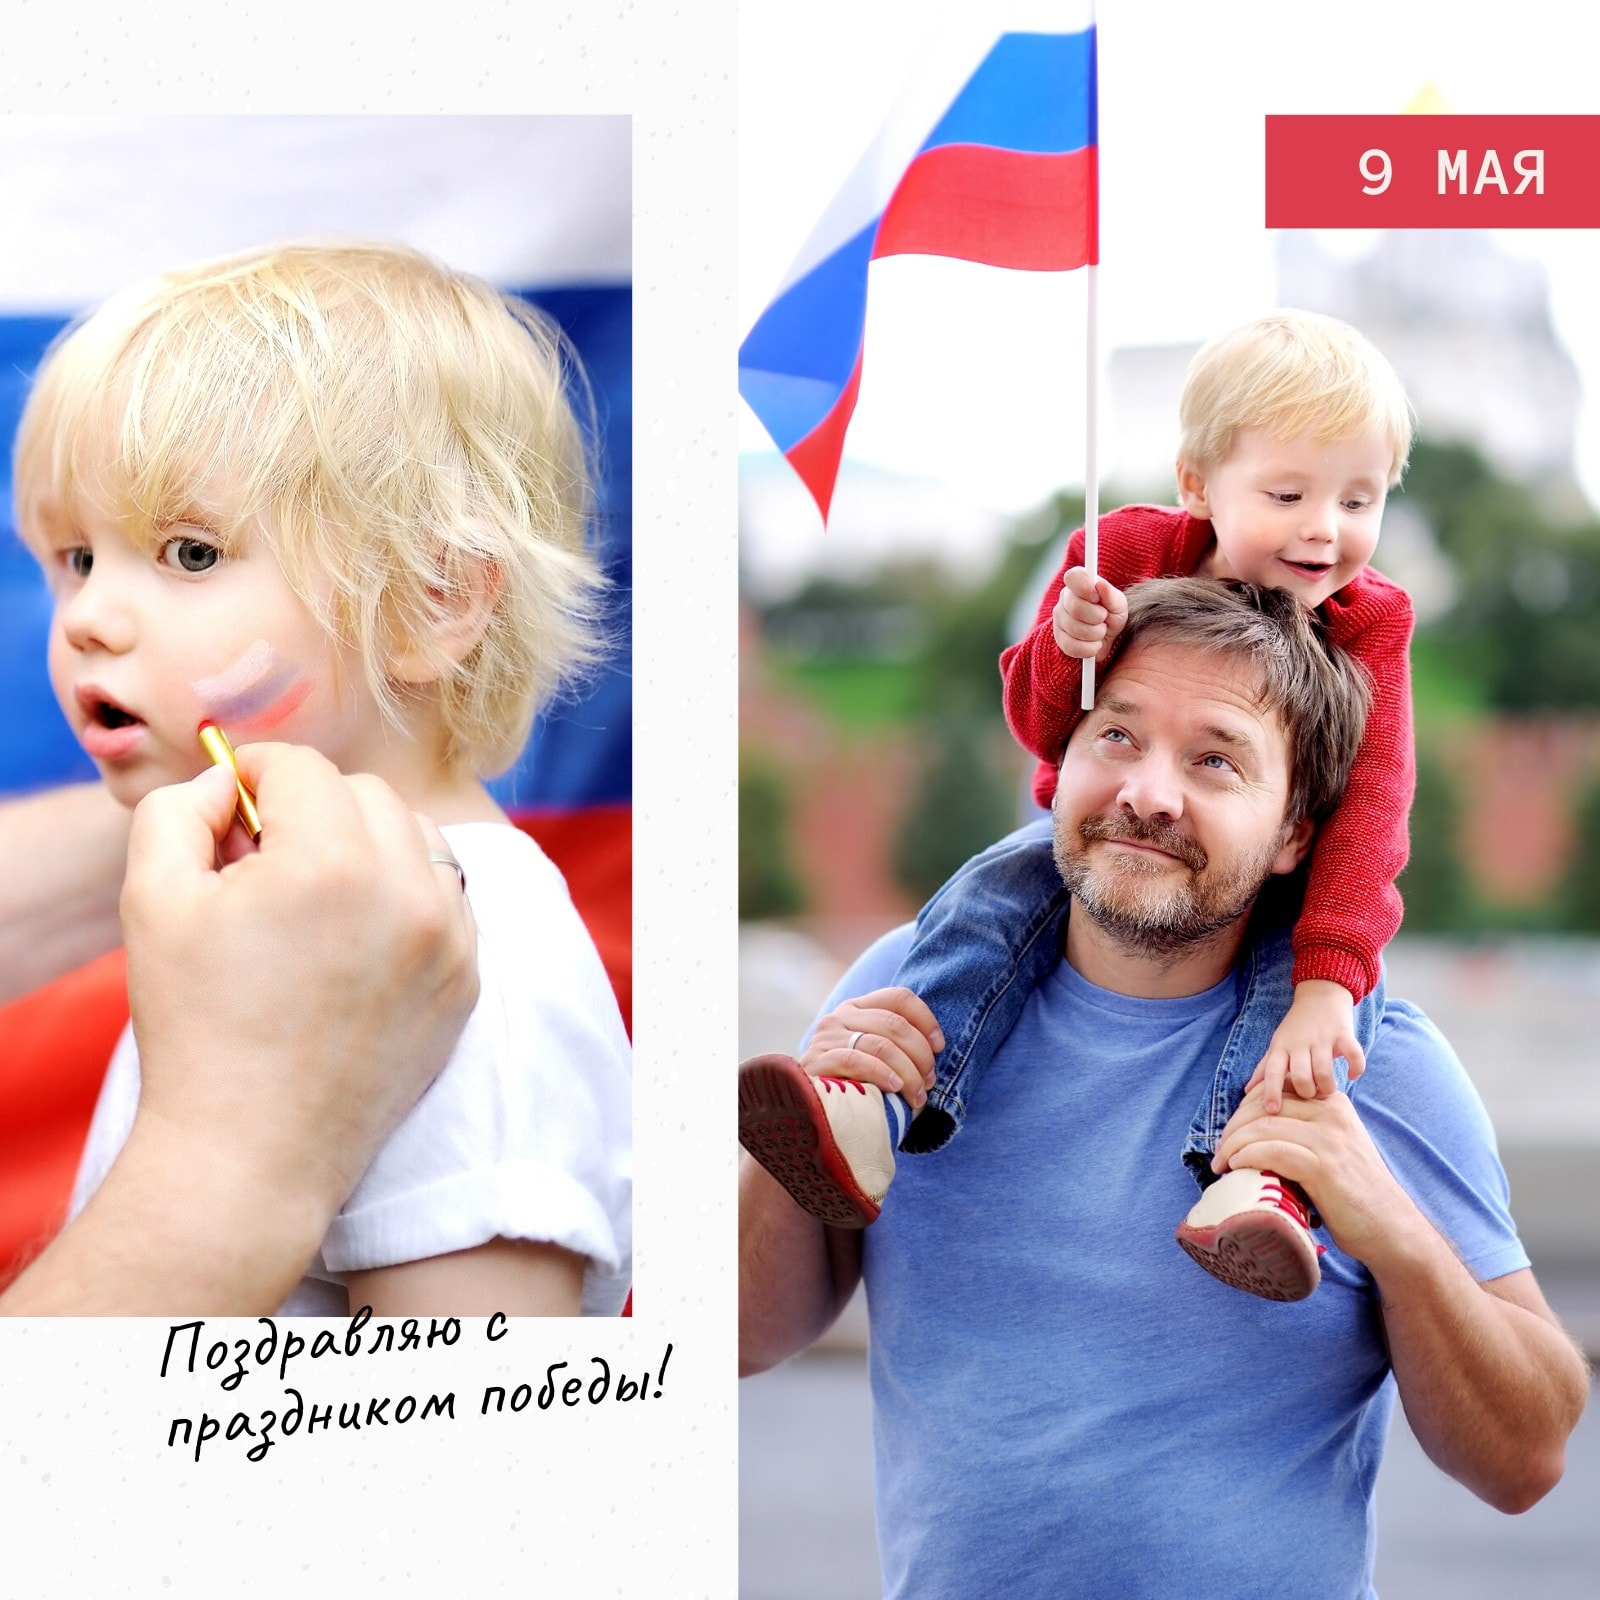 Красная, синяя и белая публикация в Instagram ко Дню победы с фотографиями людей с флагами